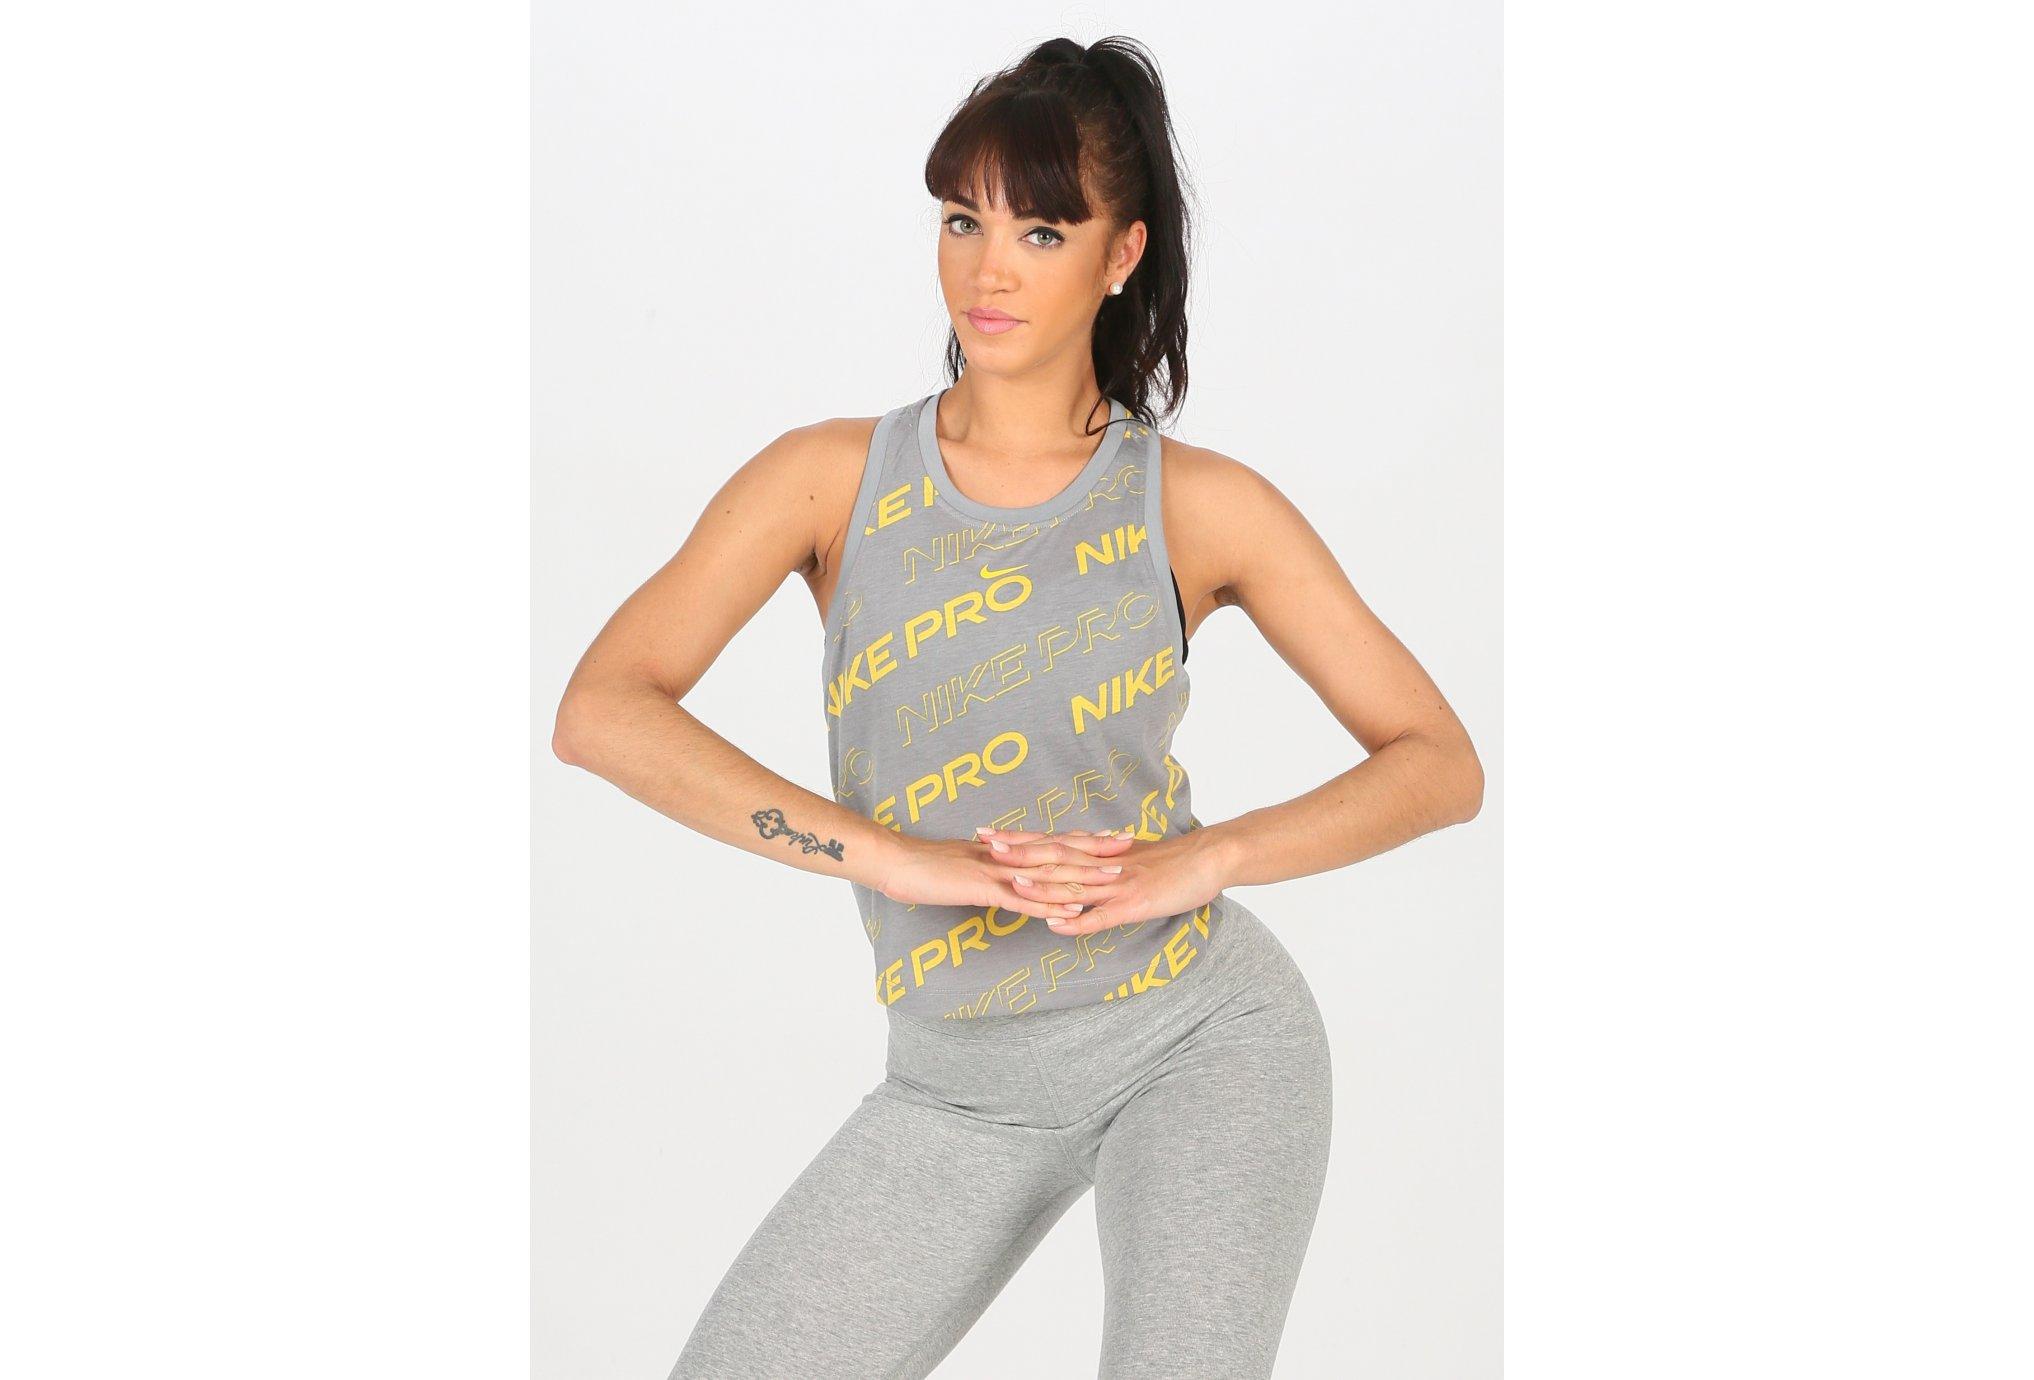 Nike Dry Pro W Diététique Vêtements femme